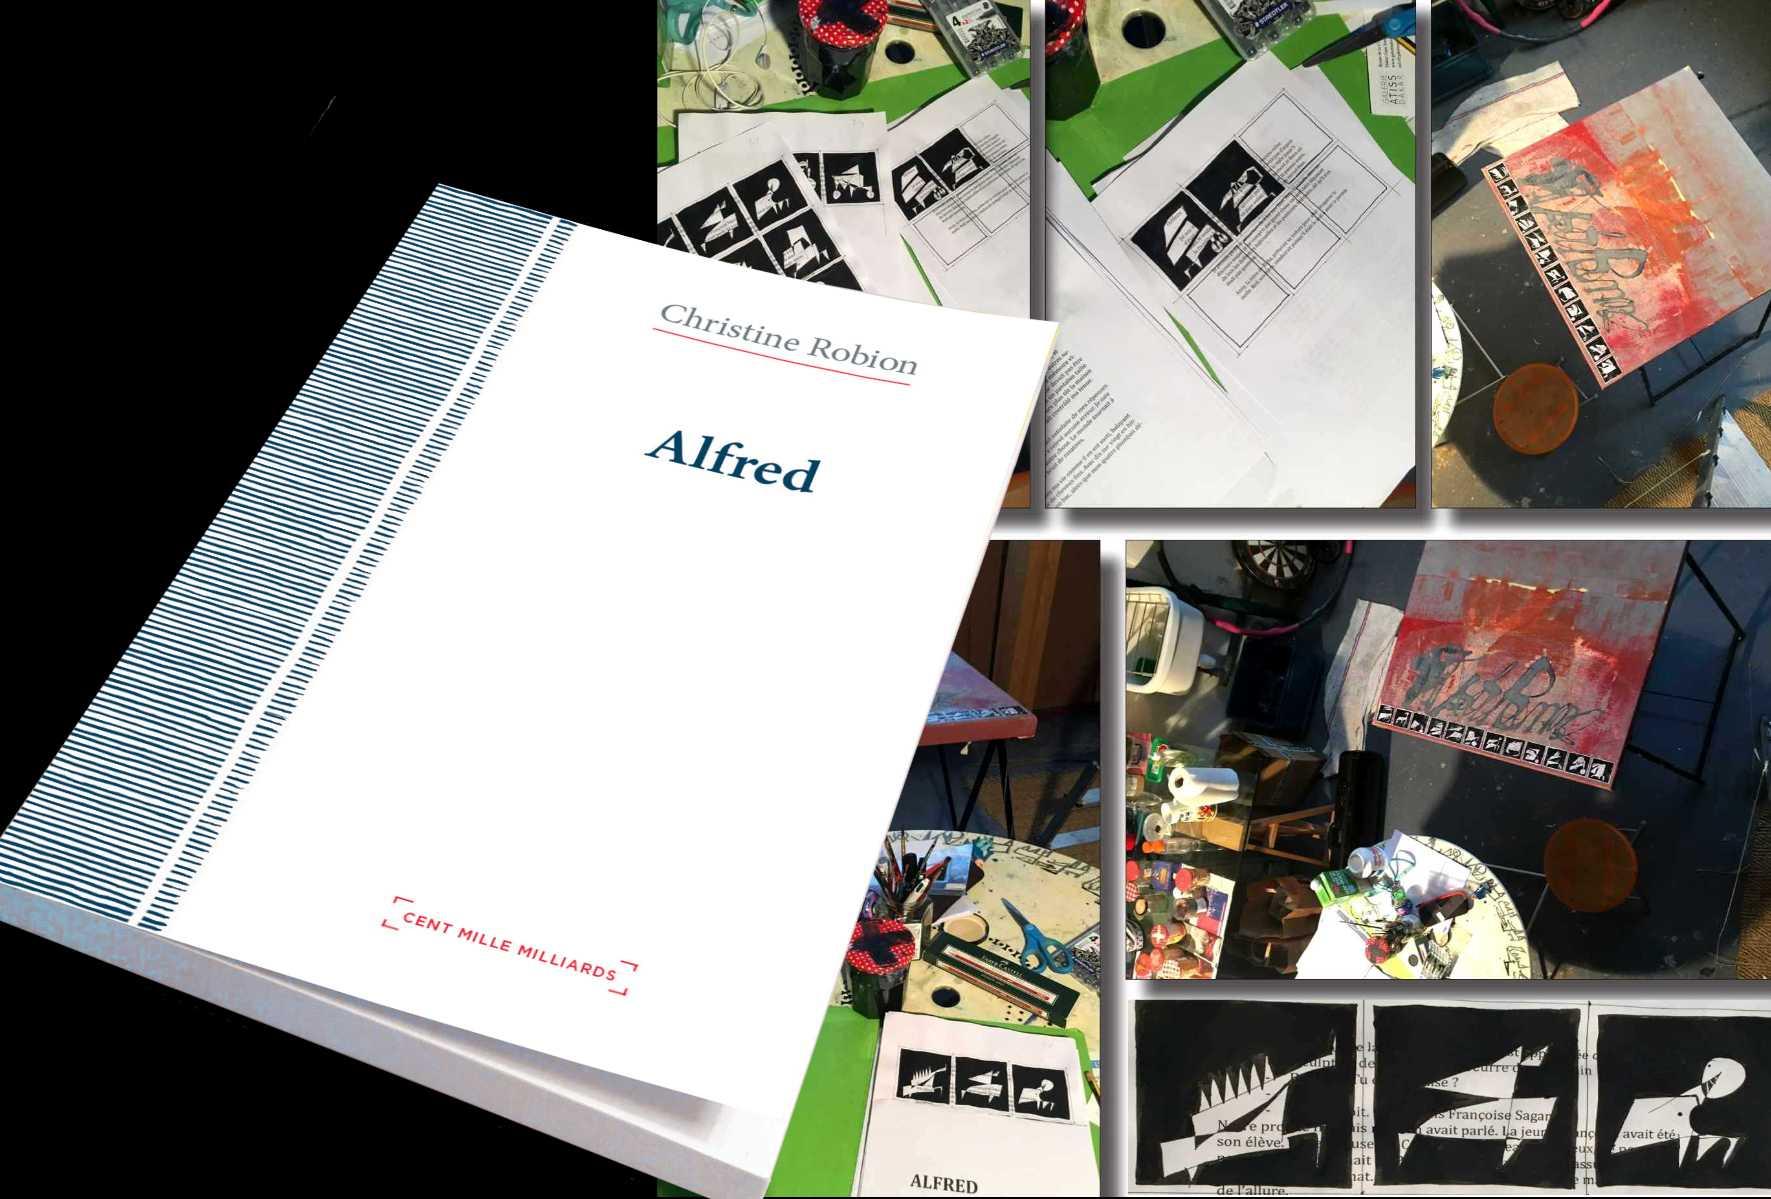 ALFRED: un roman - une expo